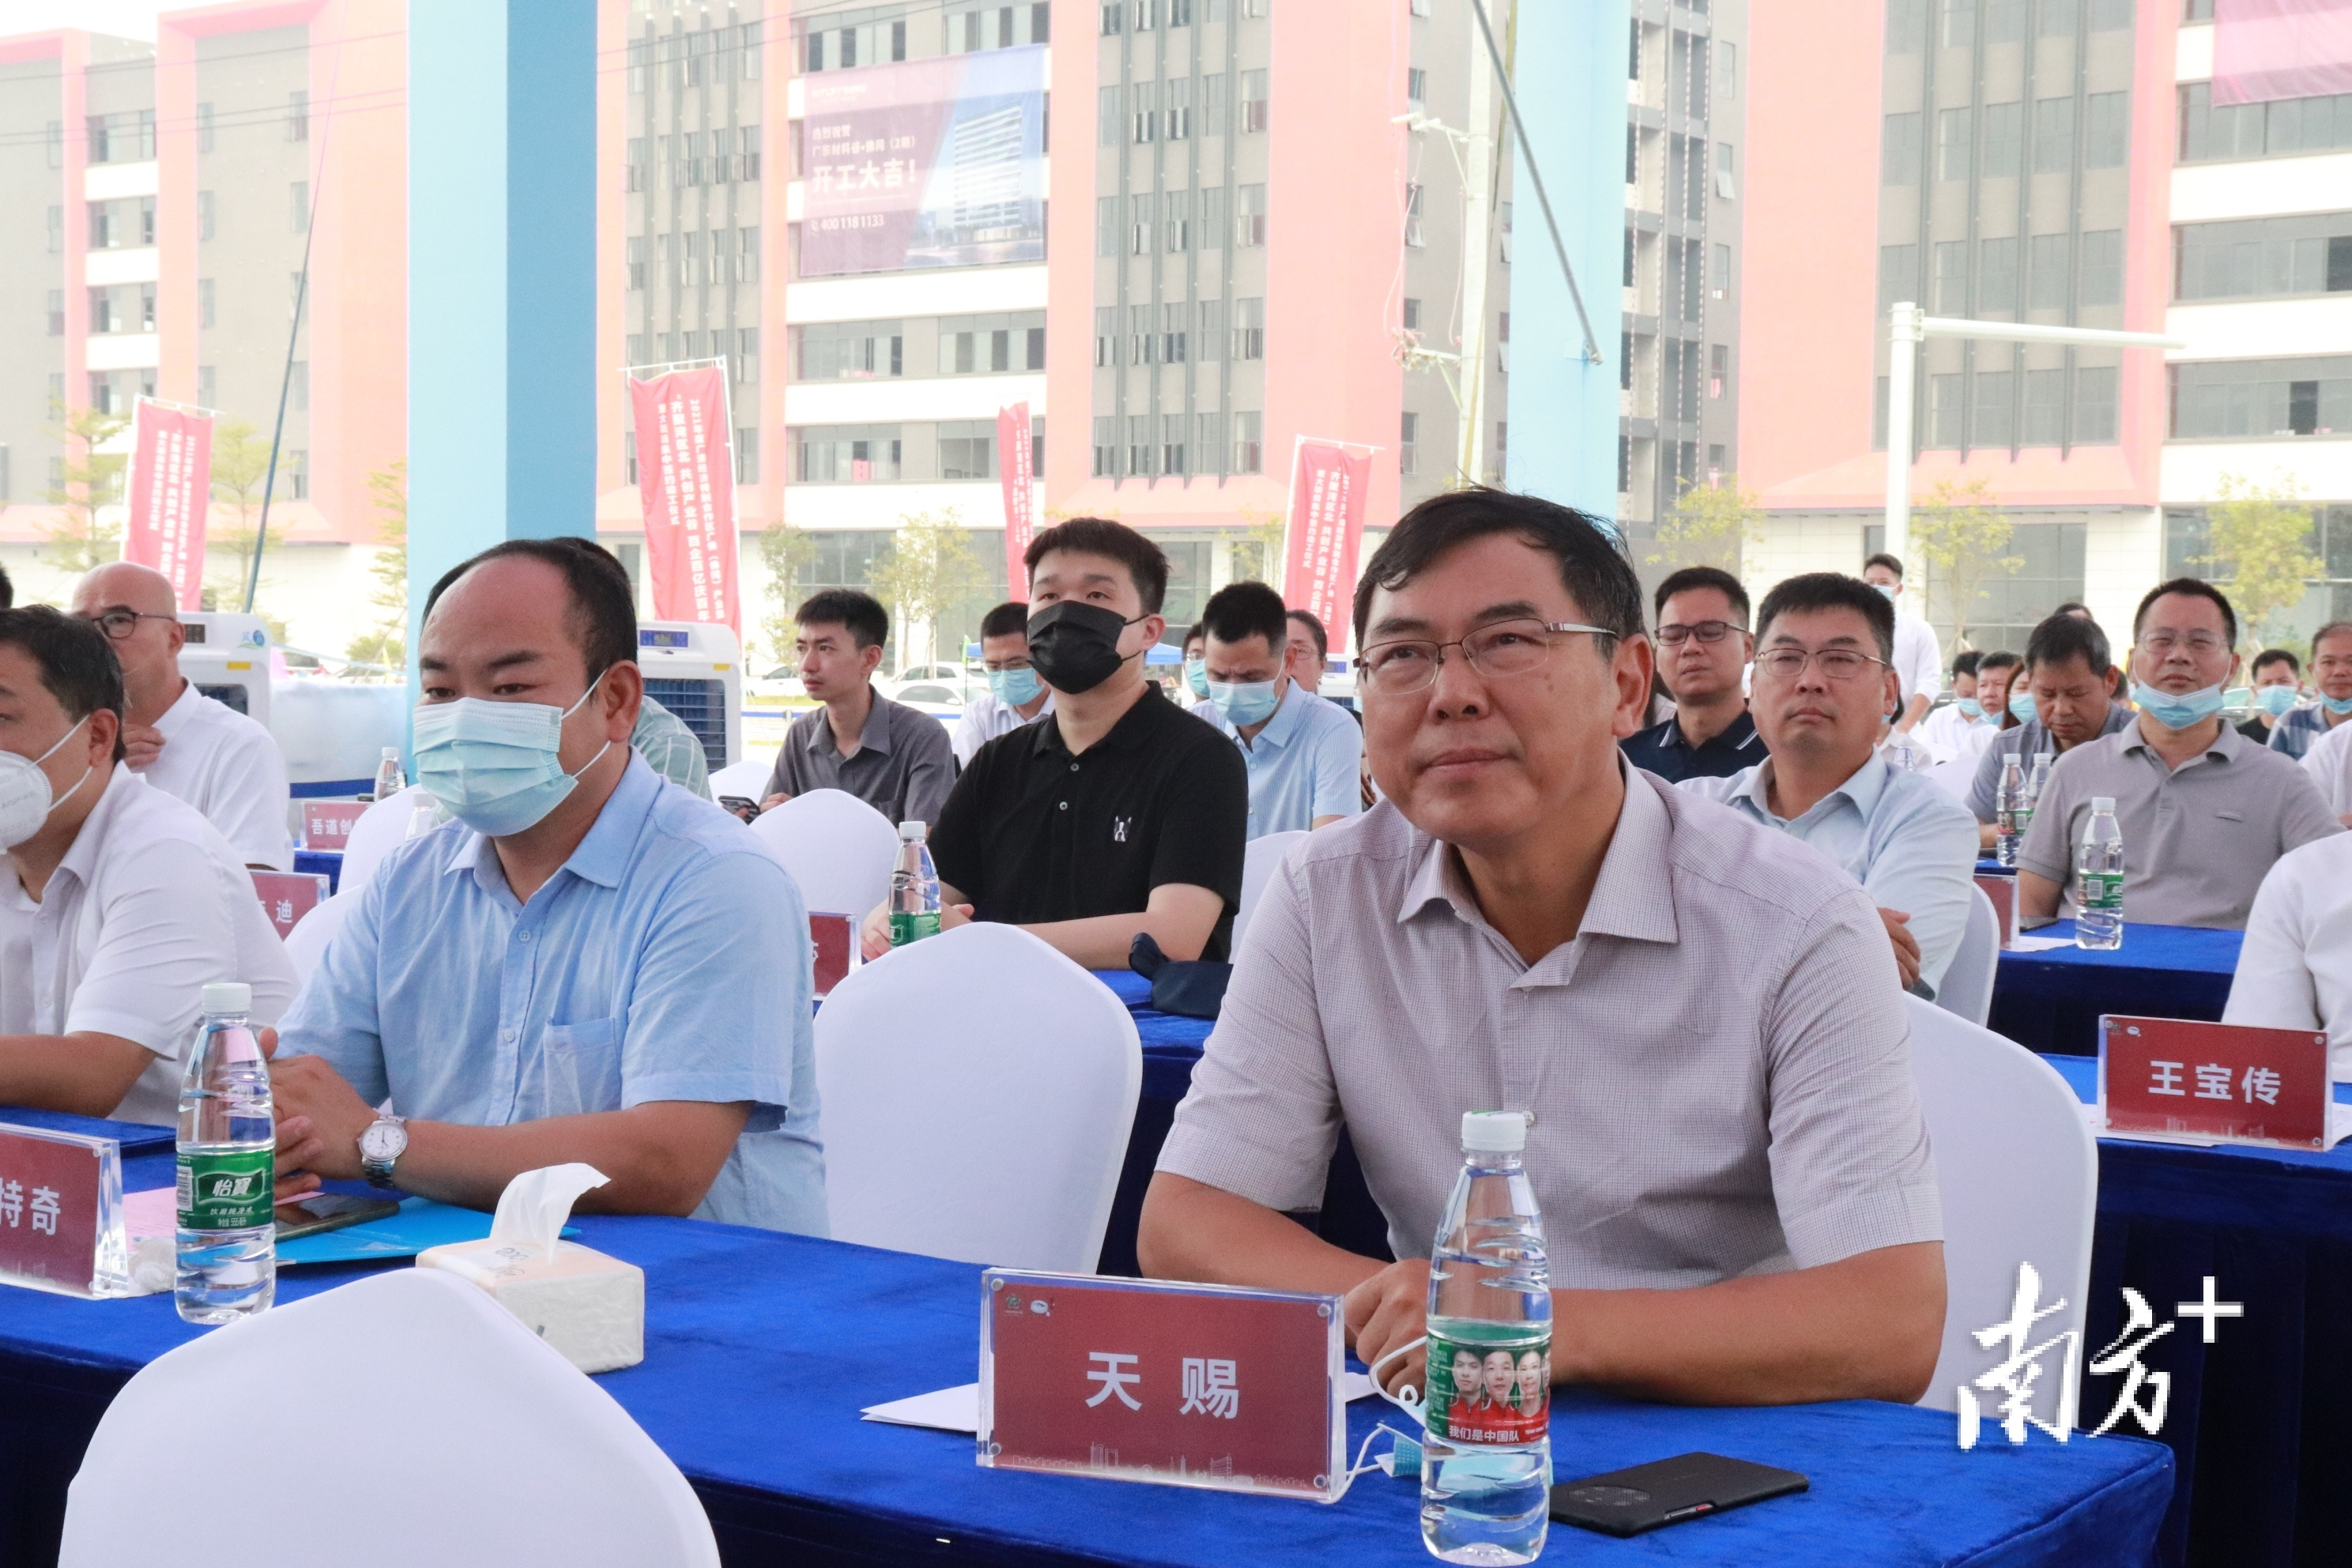 此次包括天赐、合诚等一批新材料产业项目正式落户广佛产业园。程浩 摄